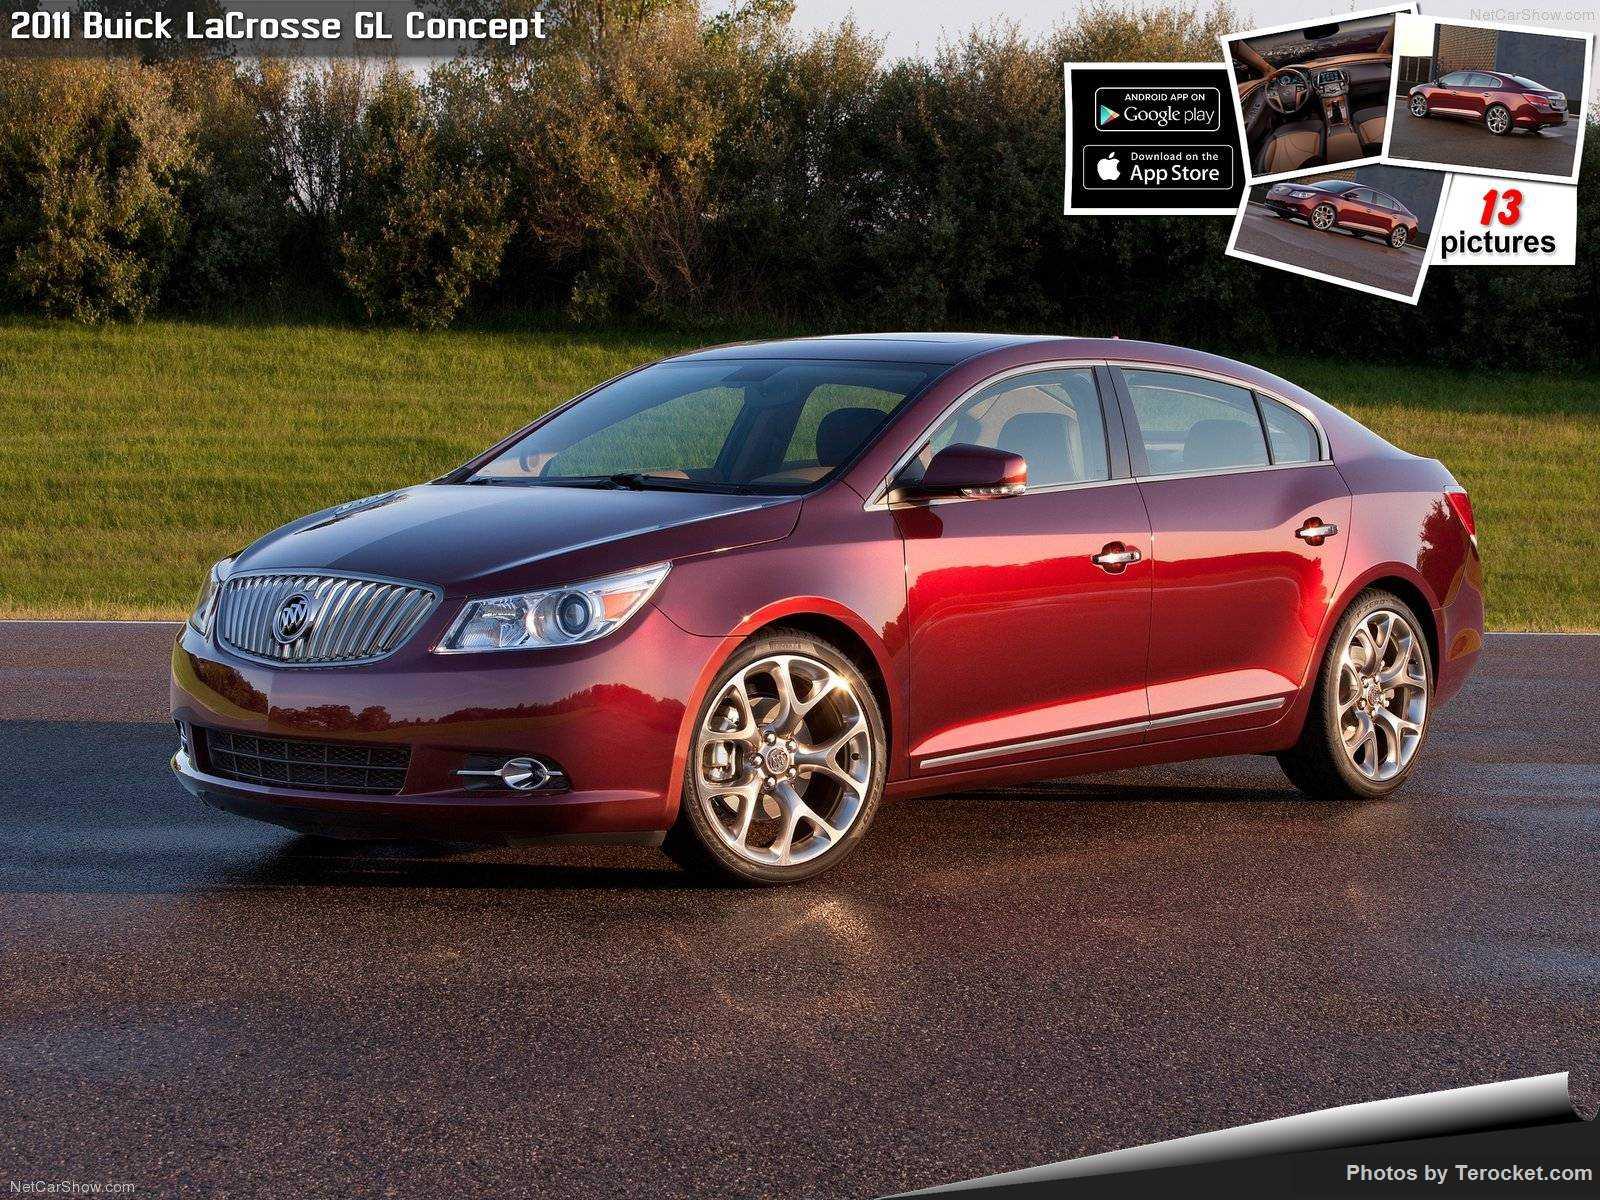 Hình ảnh xe ô tô Buick LaCrosse GL Concept 2011 & nội ngoại thất